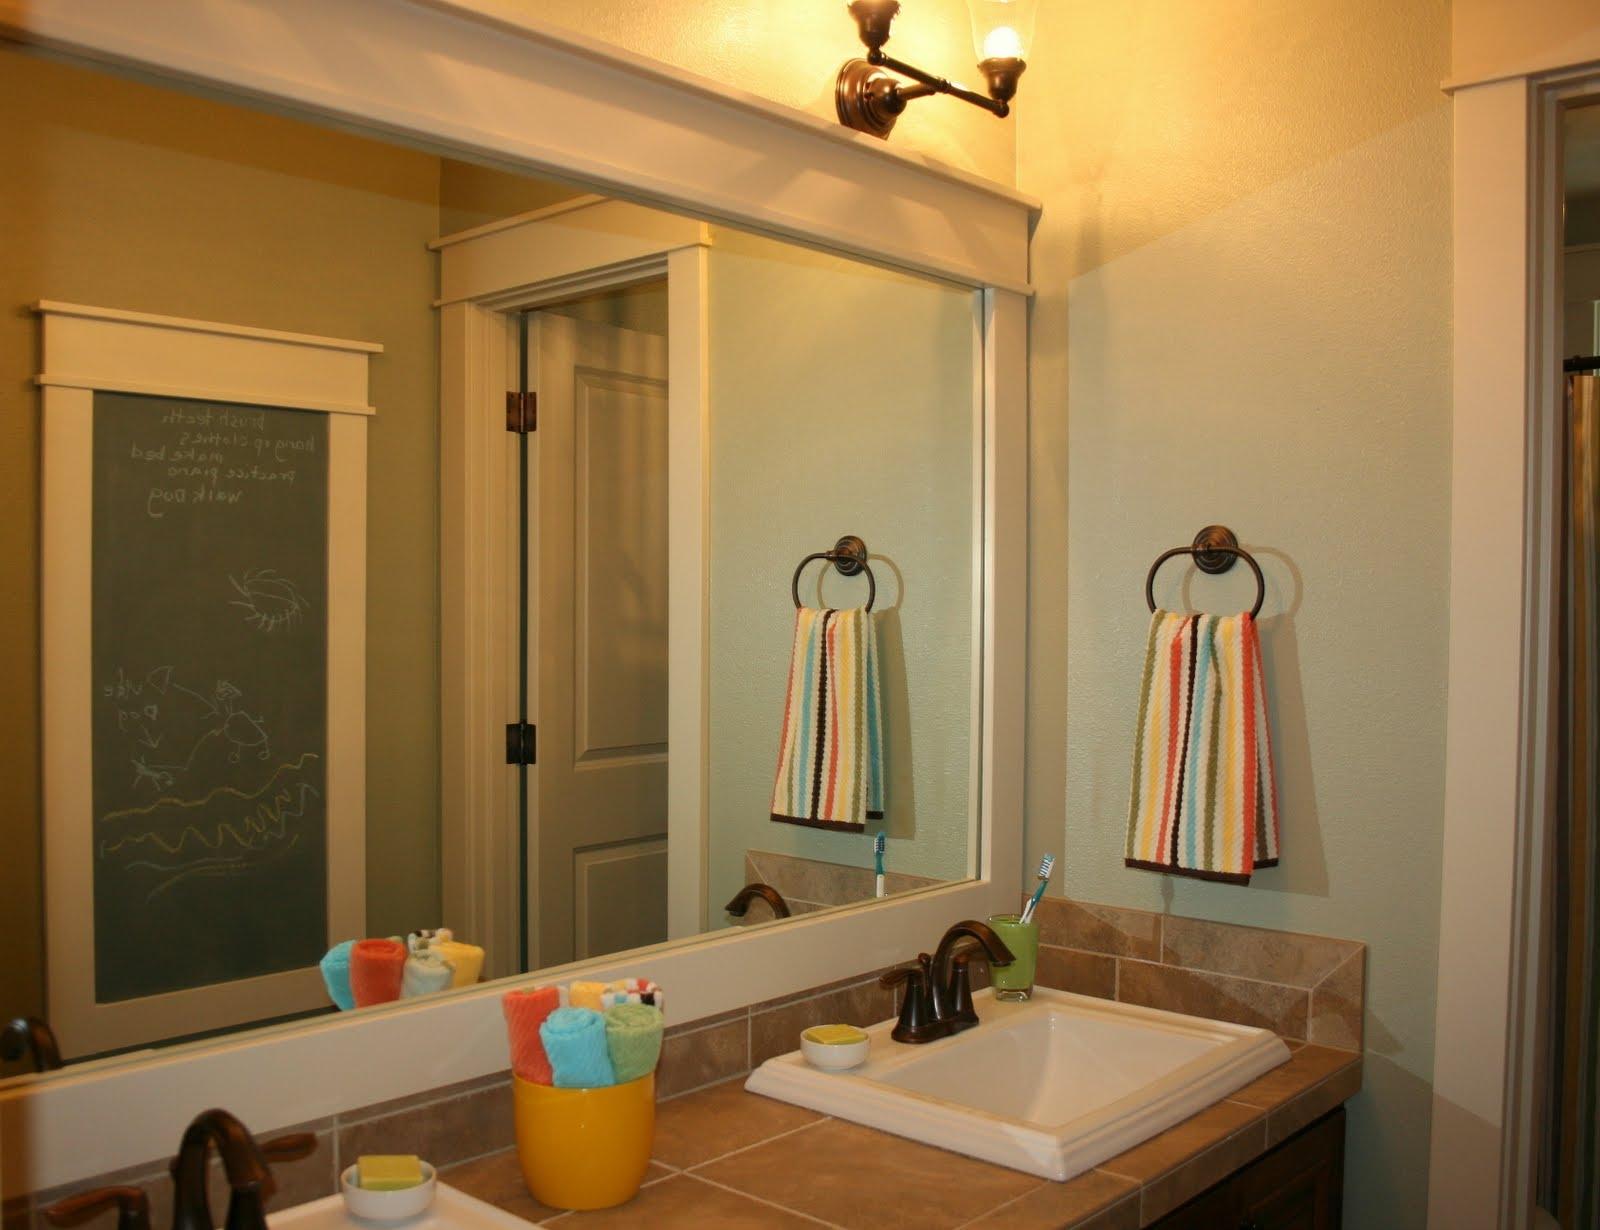 Trim Out Bathroom Mirror